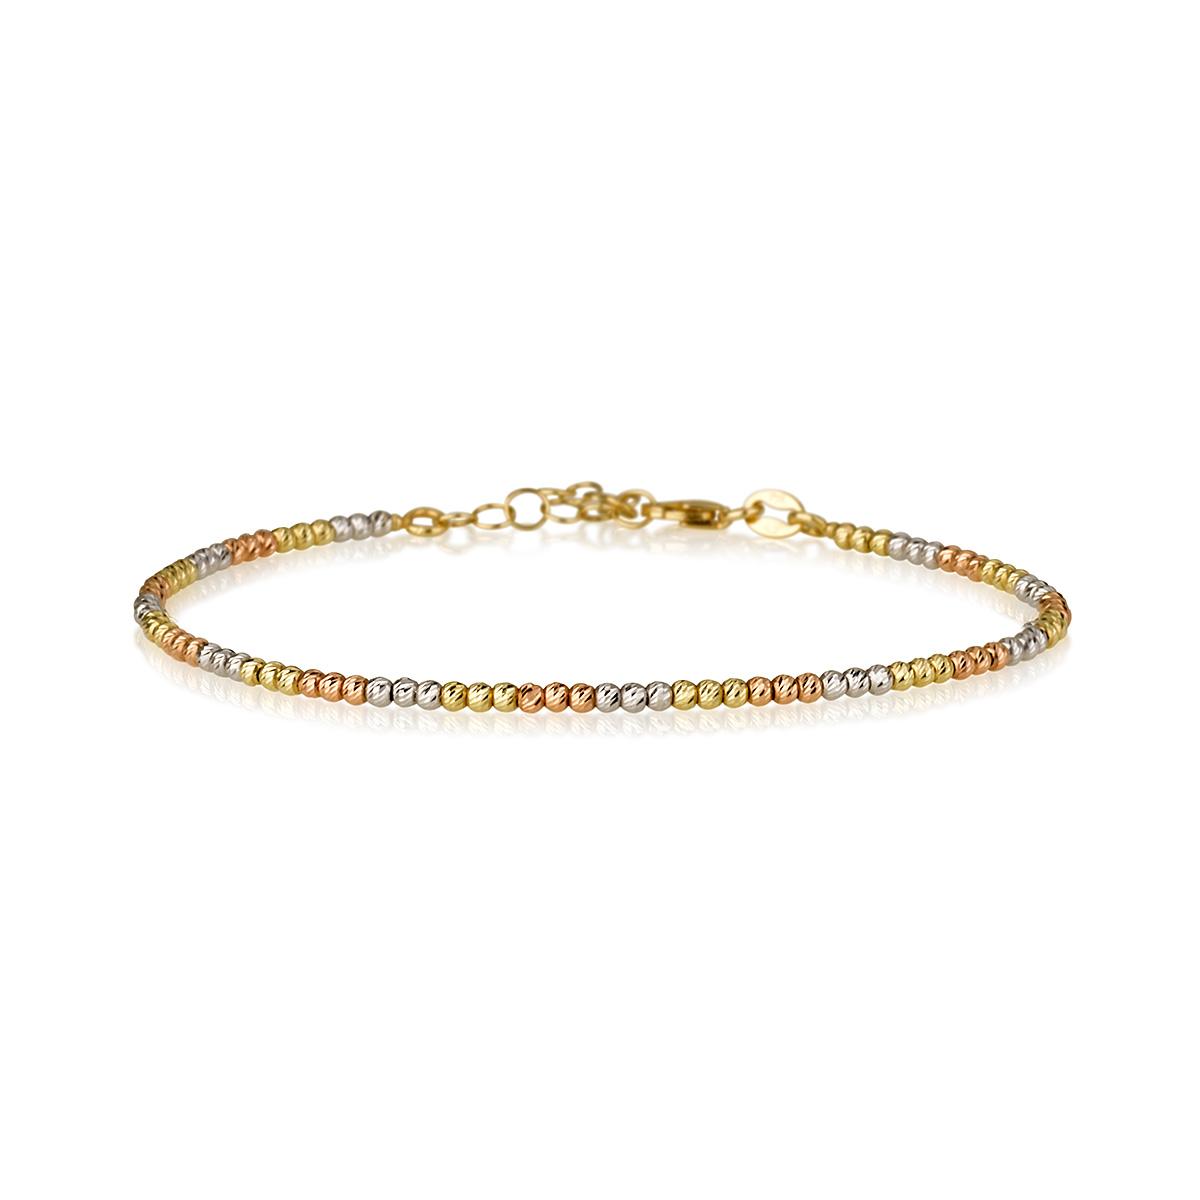 צמיד כדורים חיתוכי לייזר משולב 3 צבעים- זהב 14K - צמידי זהב מעוצבים